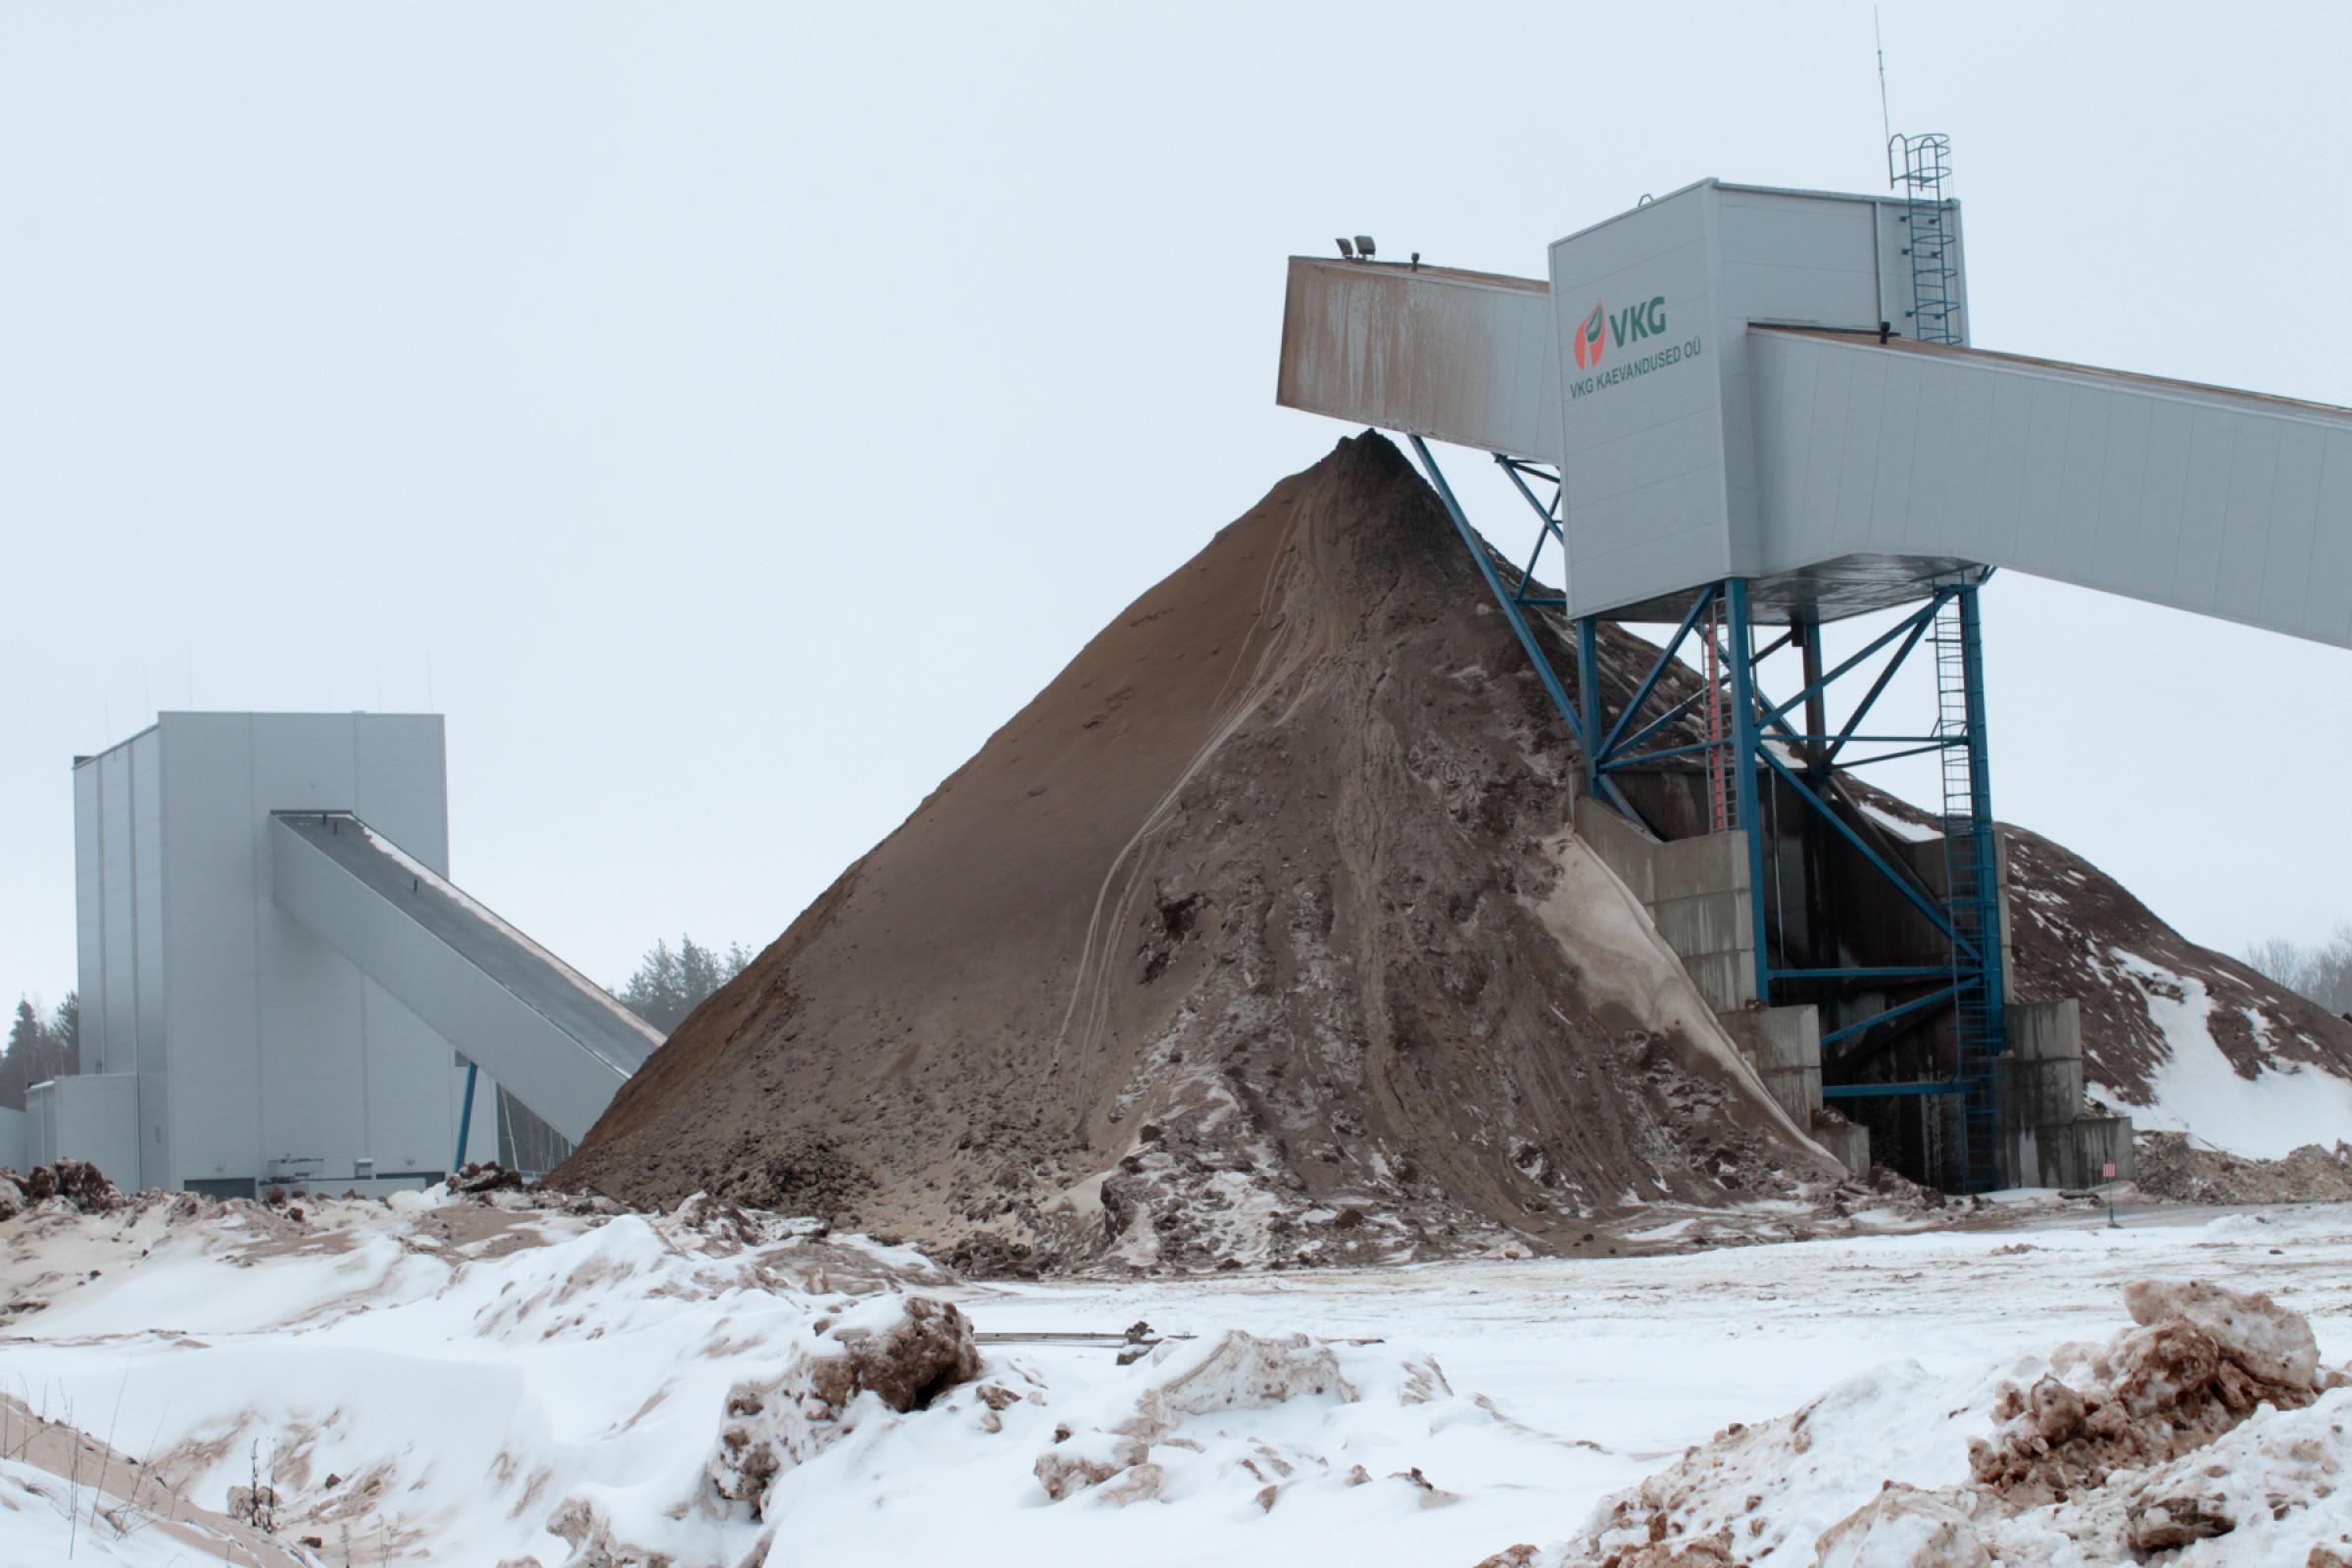 Mäetööstus, kaevandus. Foto: LIIS TREIMANN/POSTIMEES/SCANPIX